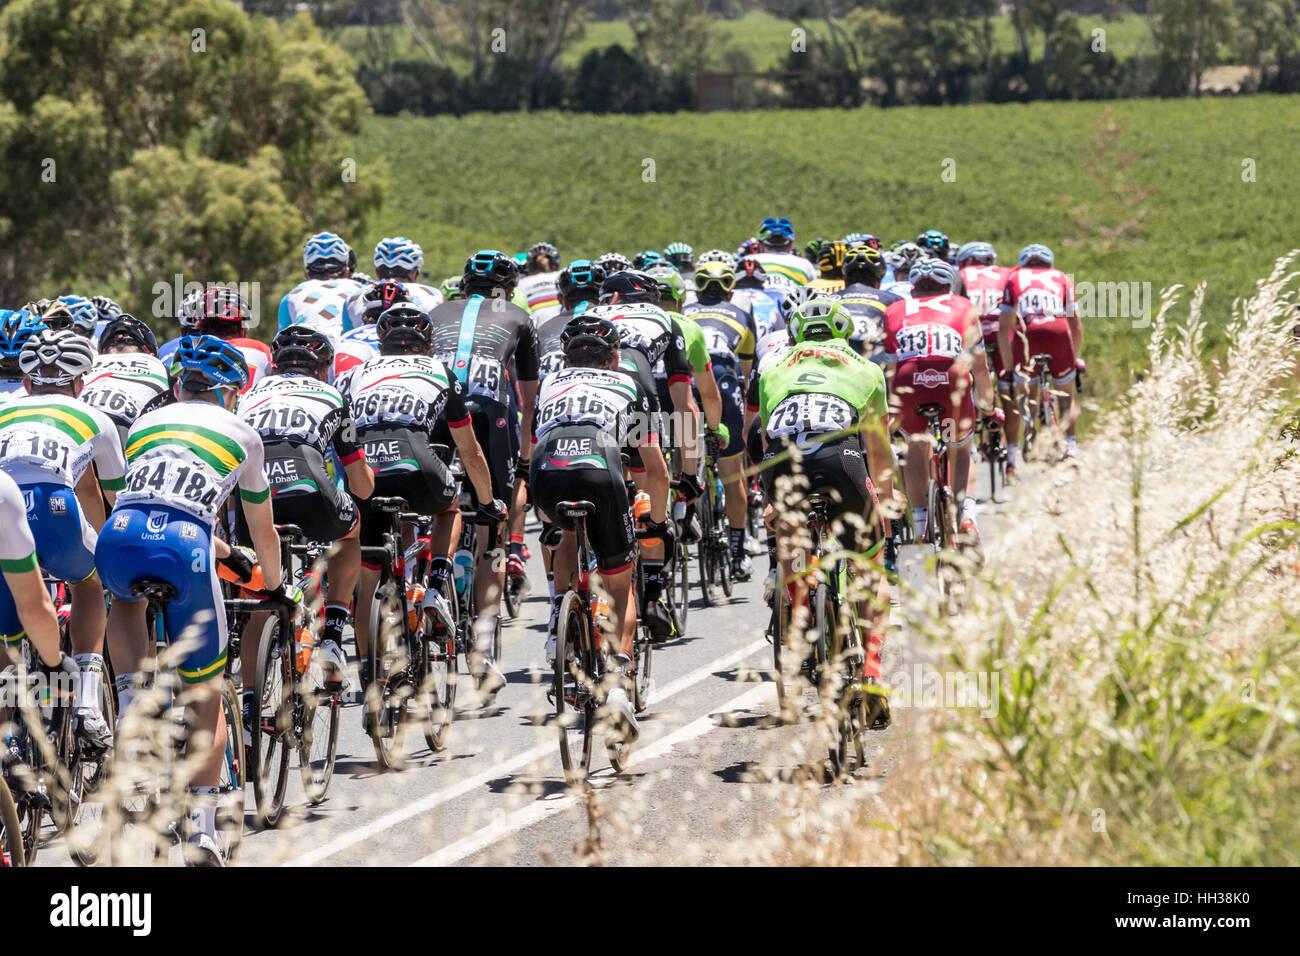 Adelaide, Australien. 17. Januar 2017. Radfahrer in Phase 1 der Santos Tour Down unter 2017. Bildnachweis: Ryan Stockfoto